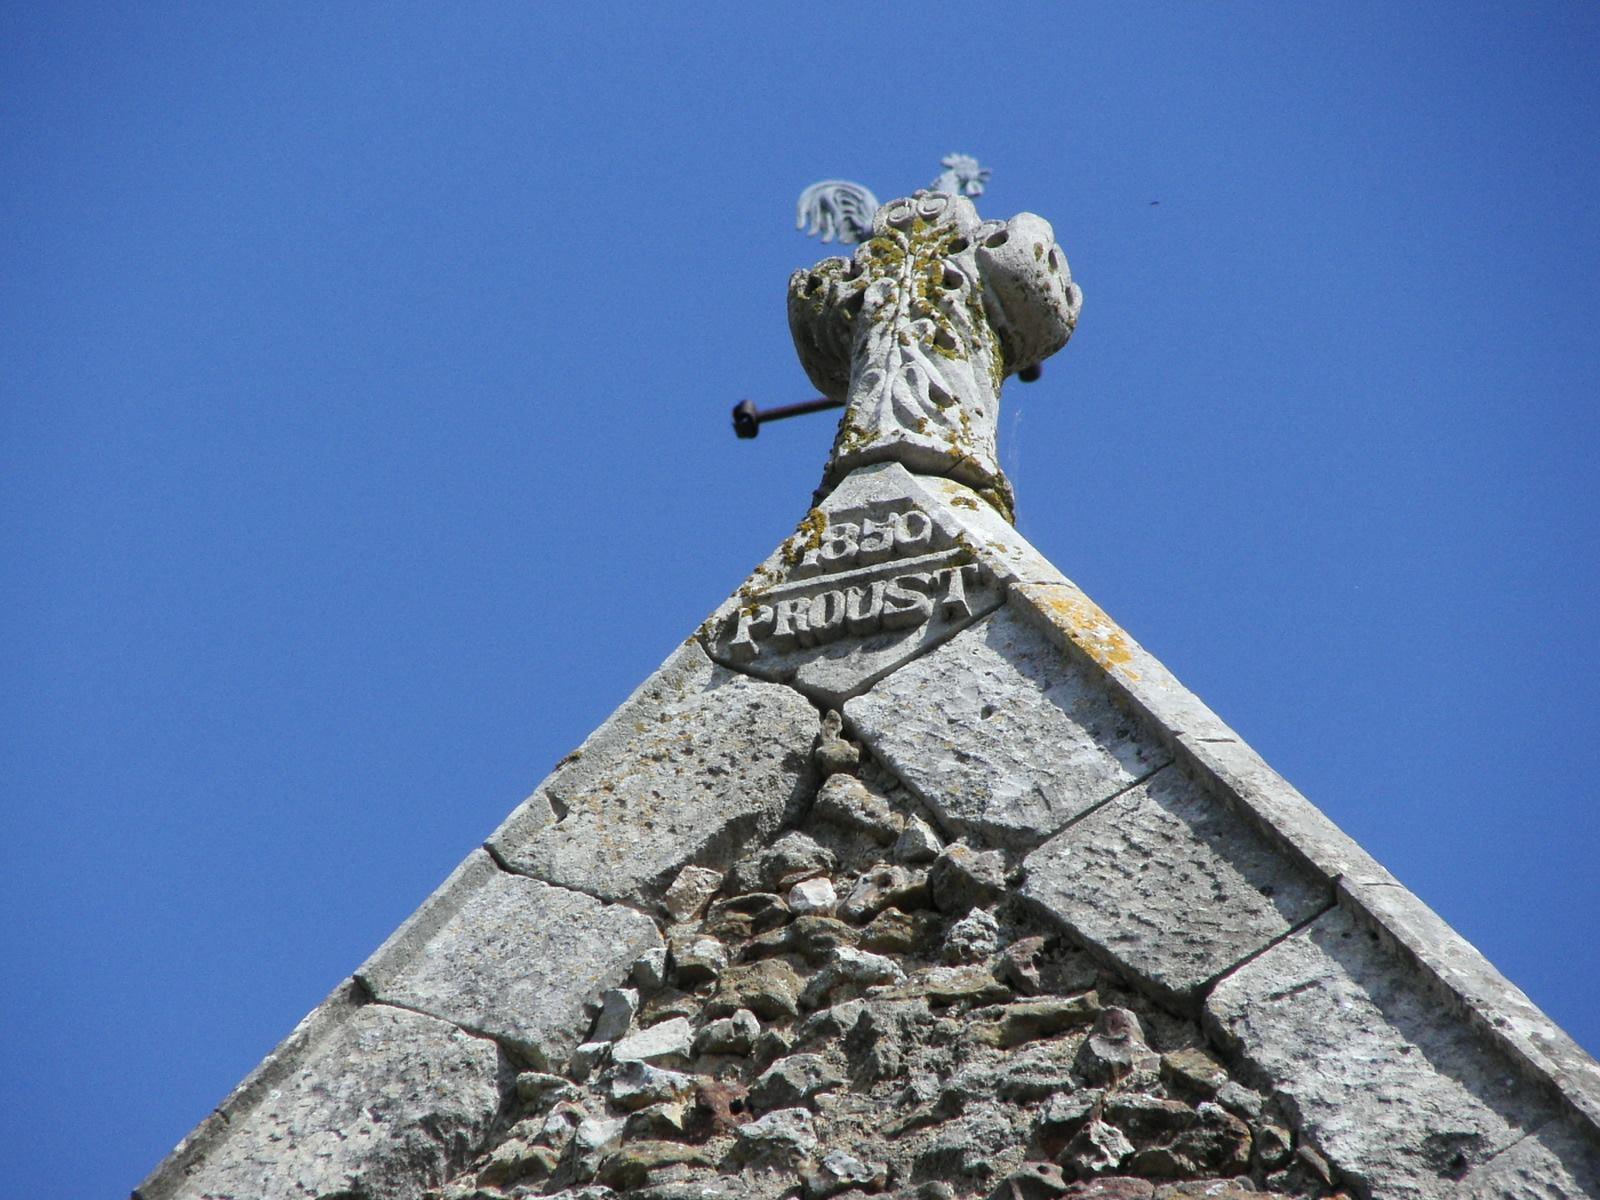 Saint Michel de Chavaignes en 2005 - Eglise Saint Michel 04 (Menu Christophe dit Tahiti)